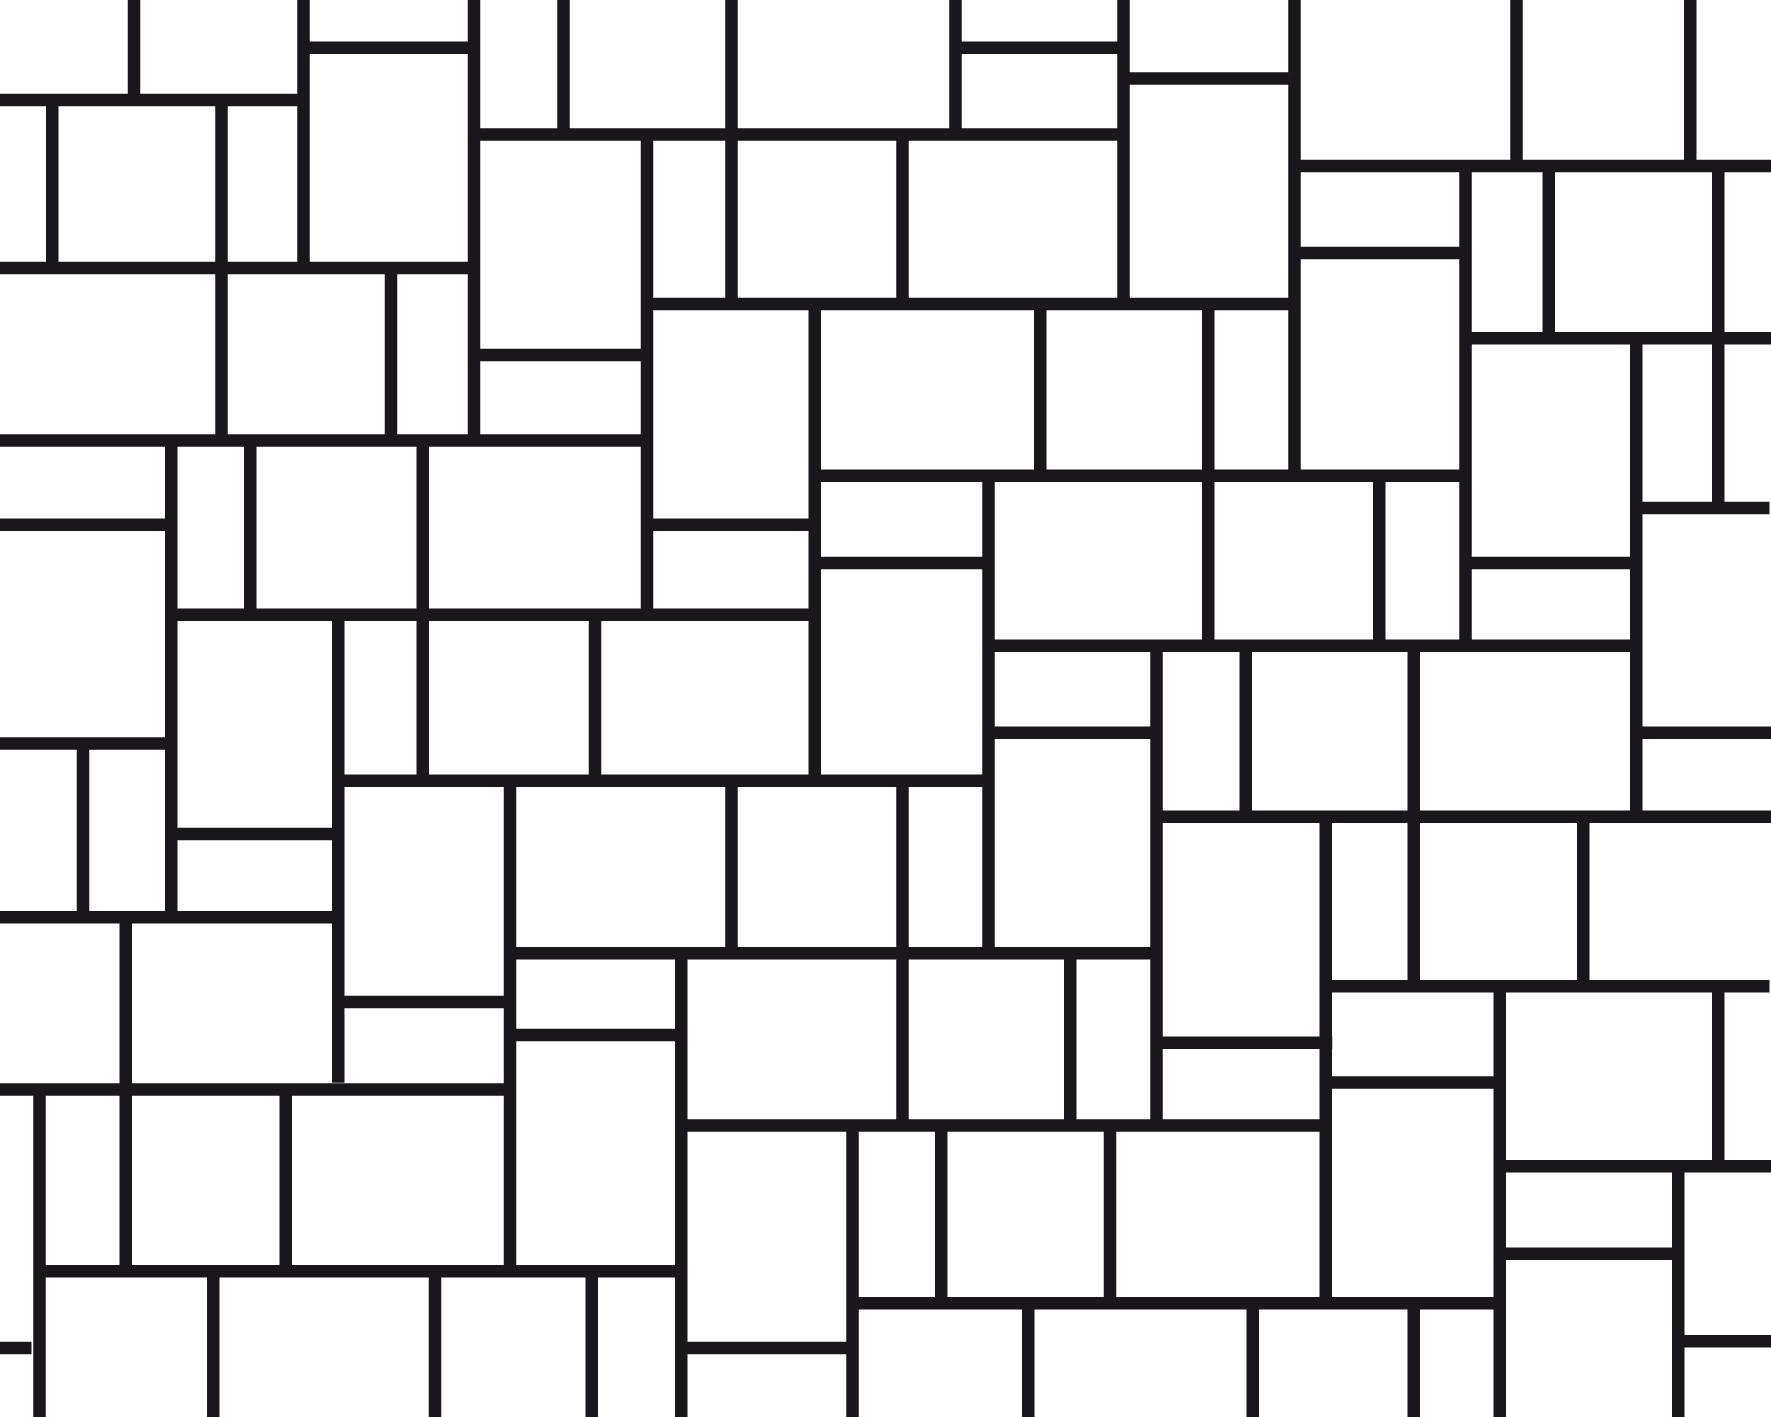 hakalit-pflasterplatte | bvw beton- und verbundsteinwerke